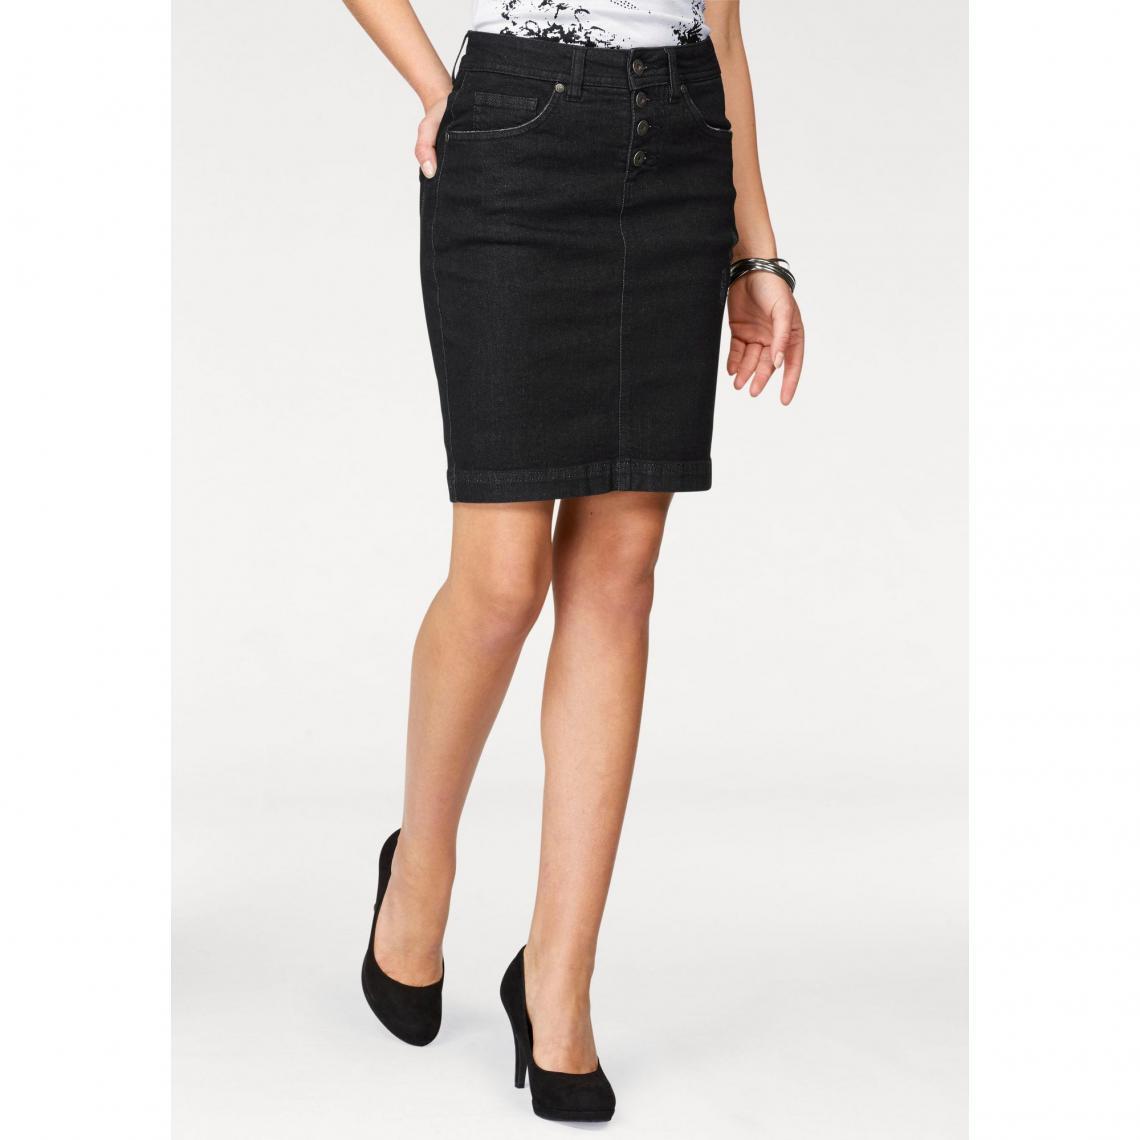 df35410f8242ea Jupe jean fermeture boutons apparents femme Arizona - Noir   3 SUISSES